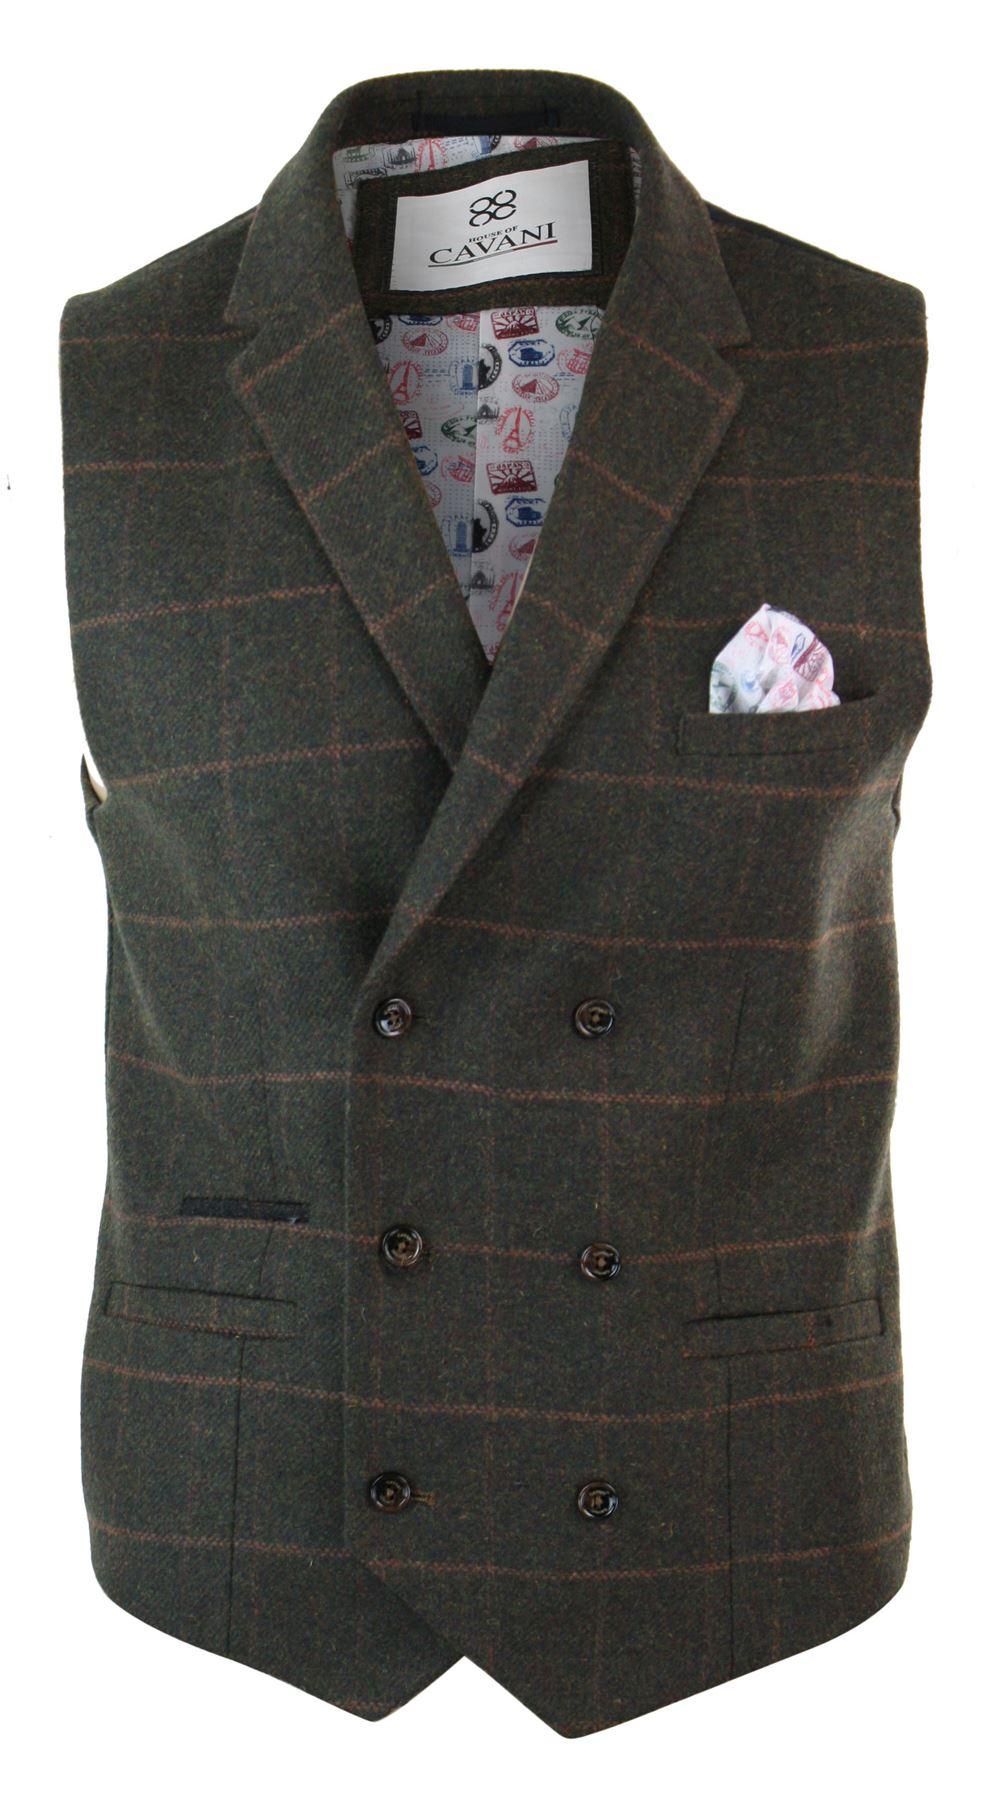 Mens-Double-Breasted-Herringbone-Tweed-Peaky-Blinders-Vintage-Check-Waistcoat miniatuur 17